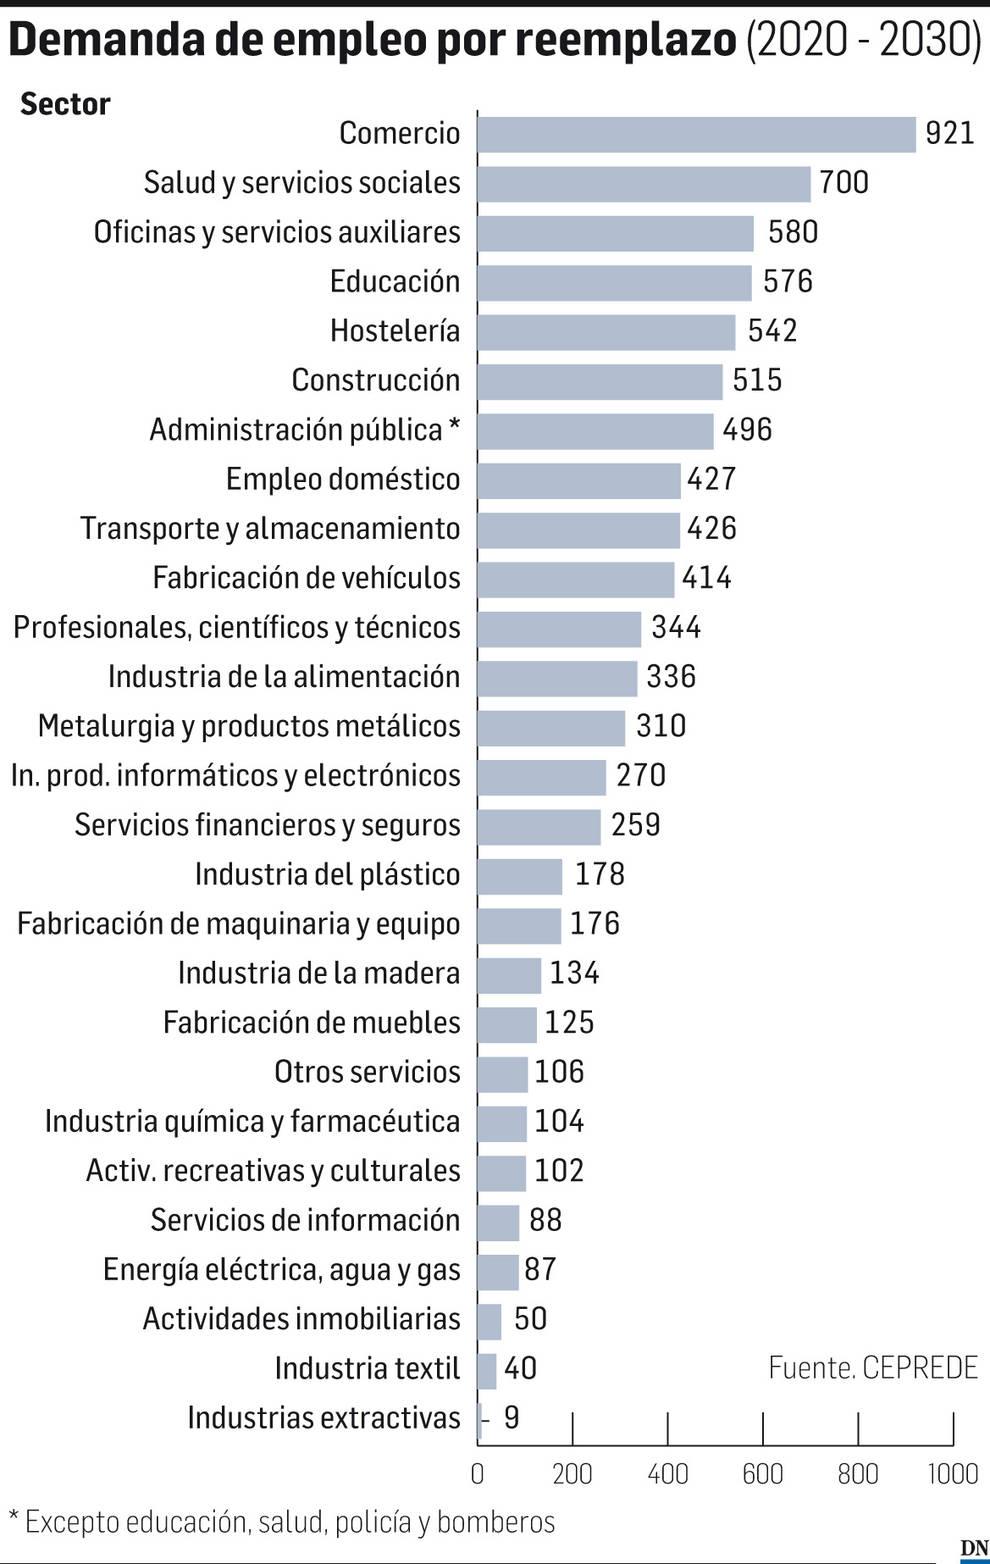 Demanda de empleo por reemplazo (2020-2030)